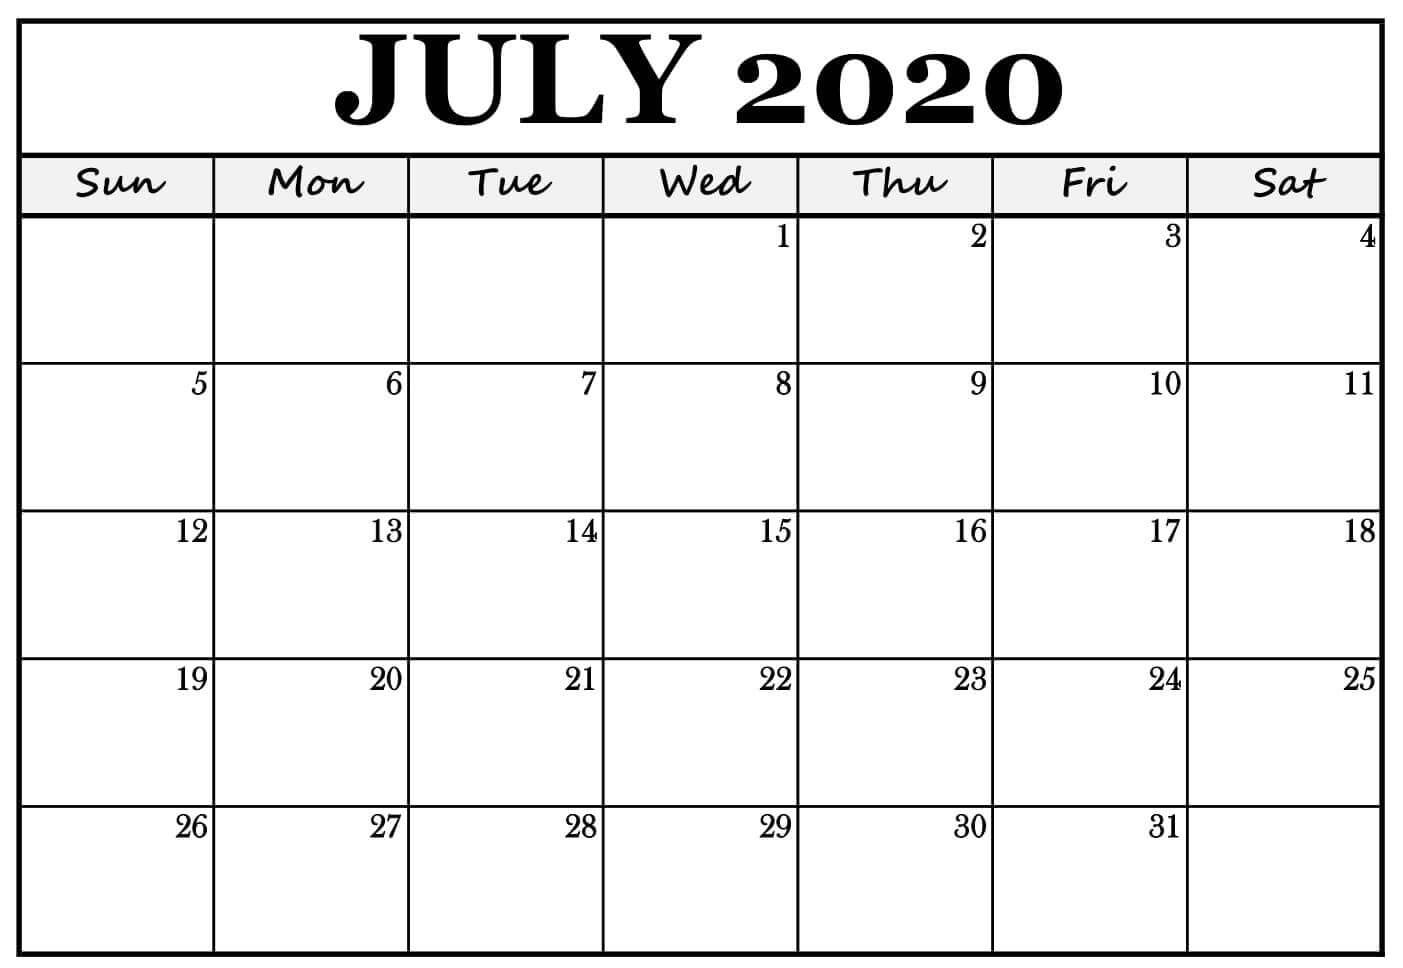 Wallpaper July 2020 Calendar